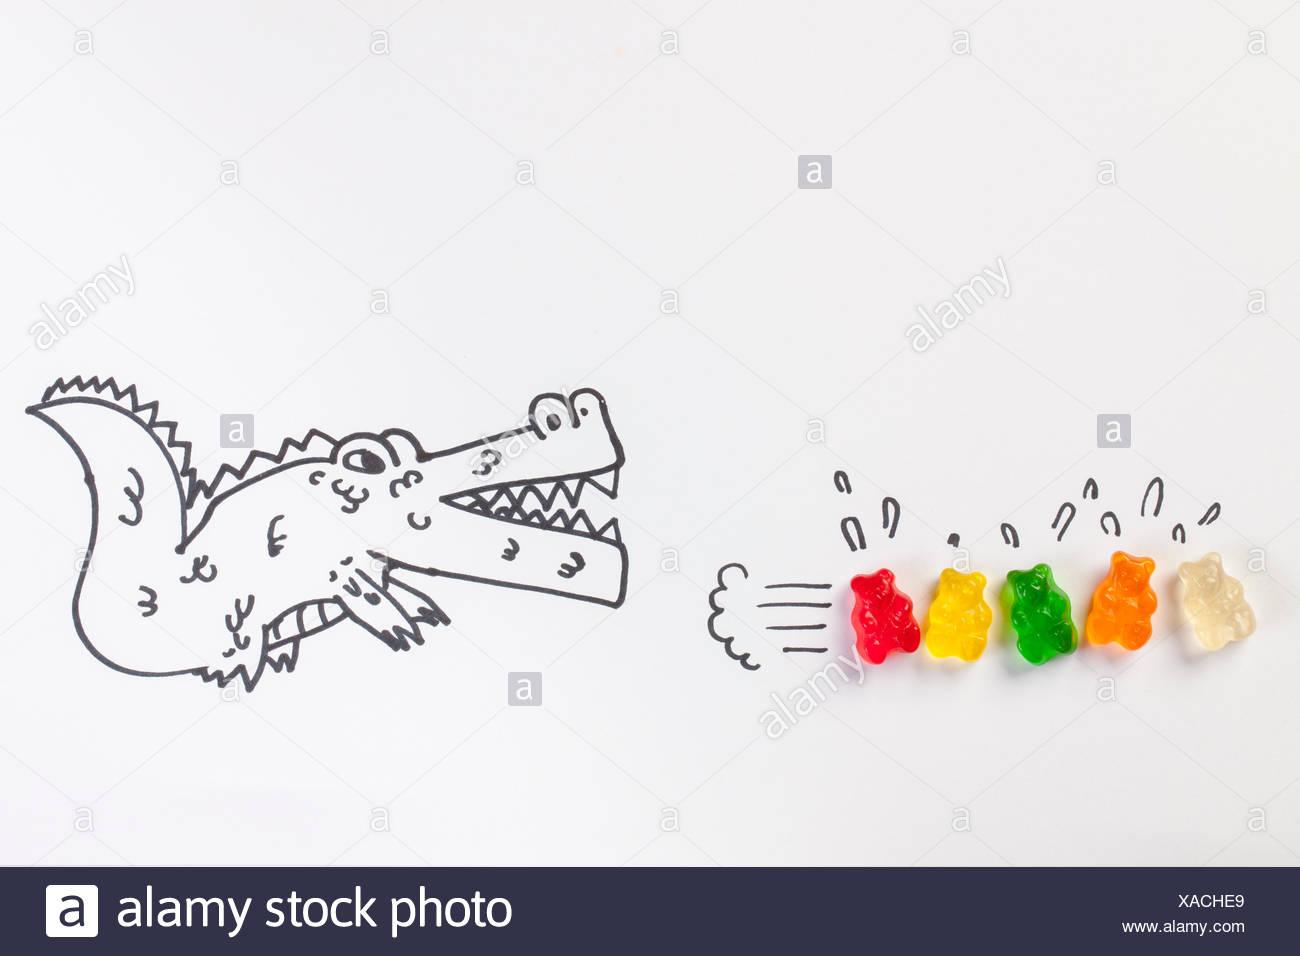 Ilustración de alligator amenazando a pequeños animales Imagen De Stock